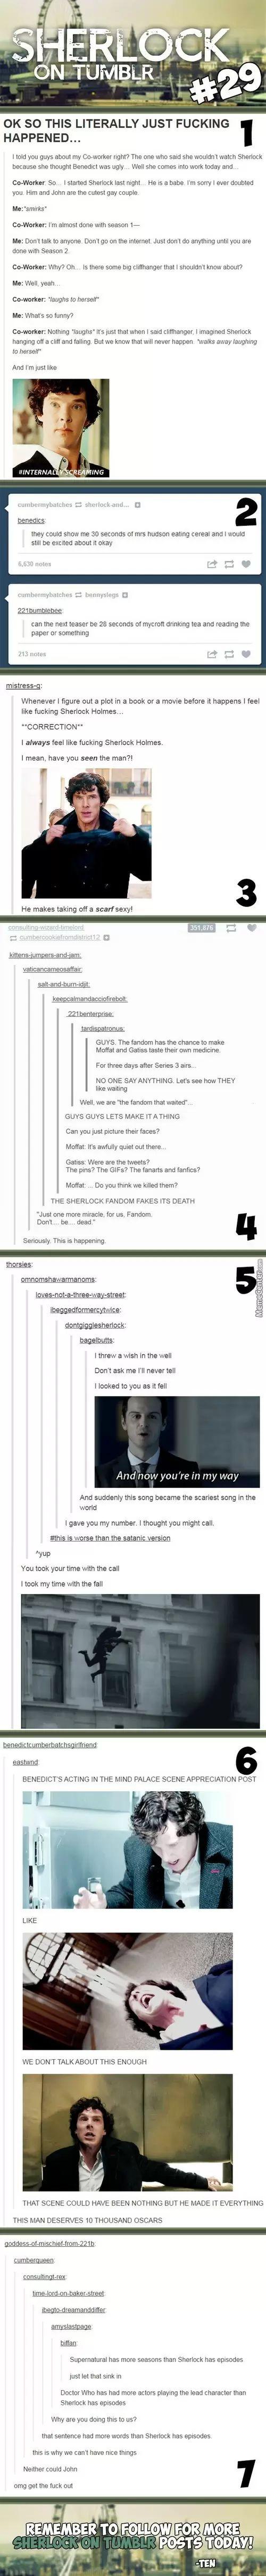 Sherlock On Tumblr #29